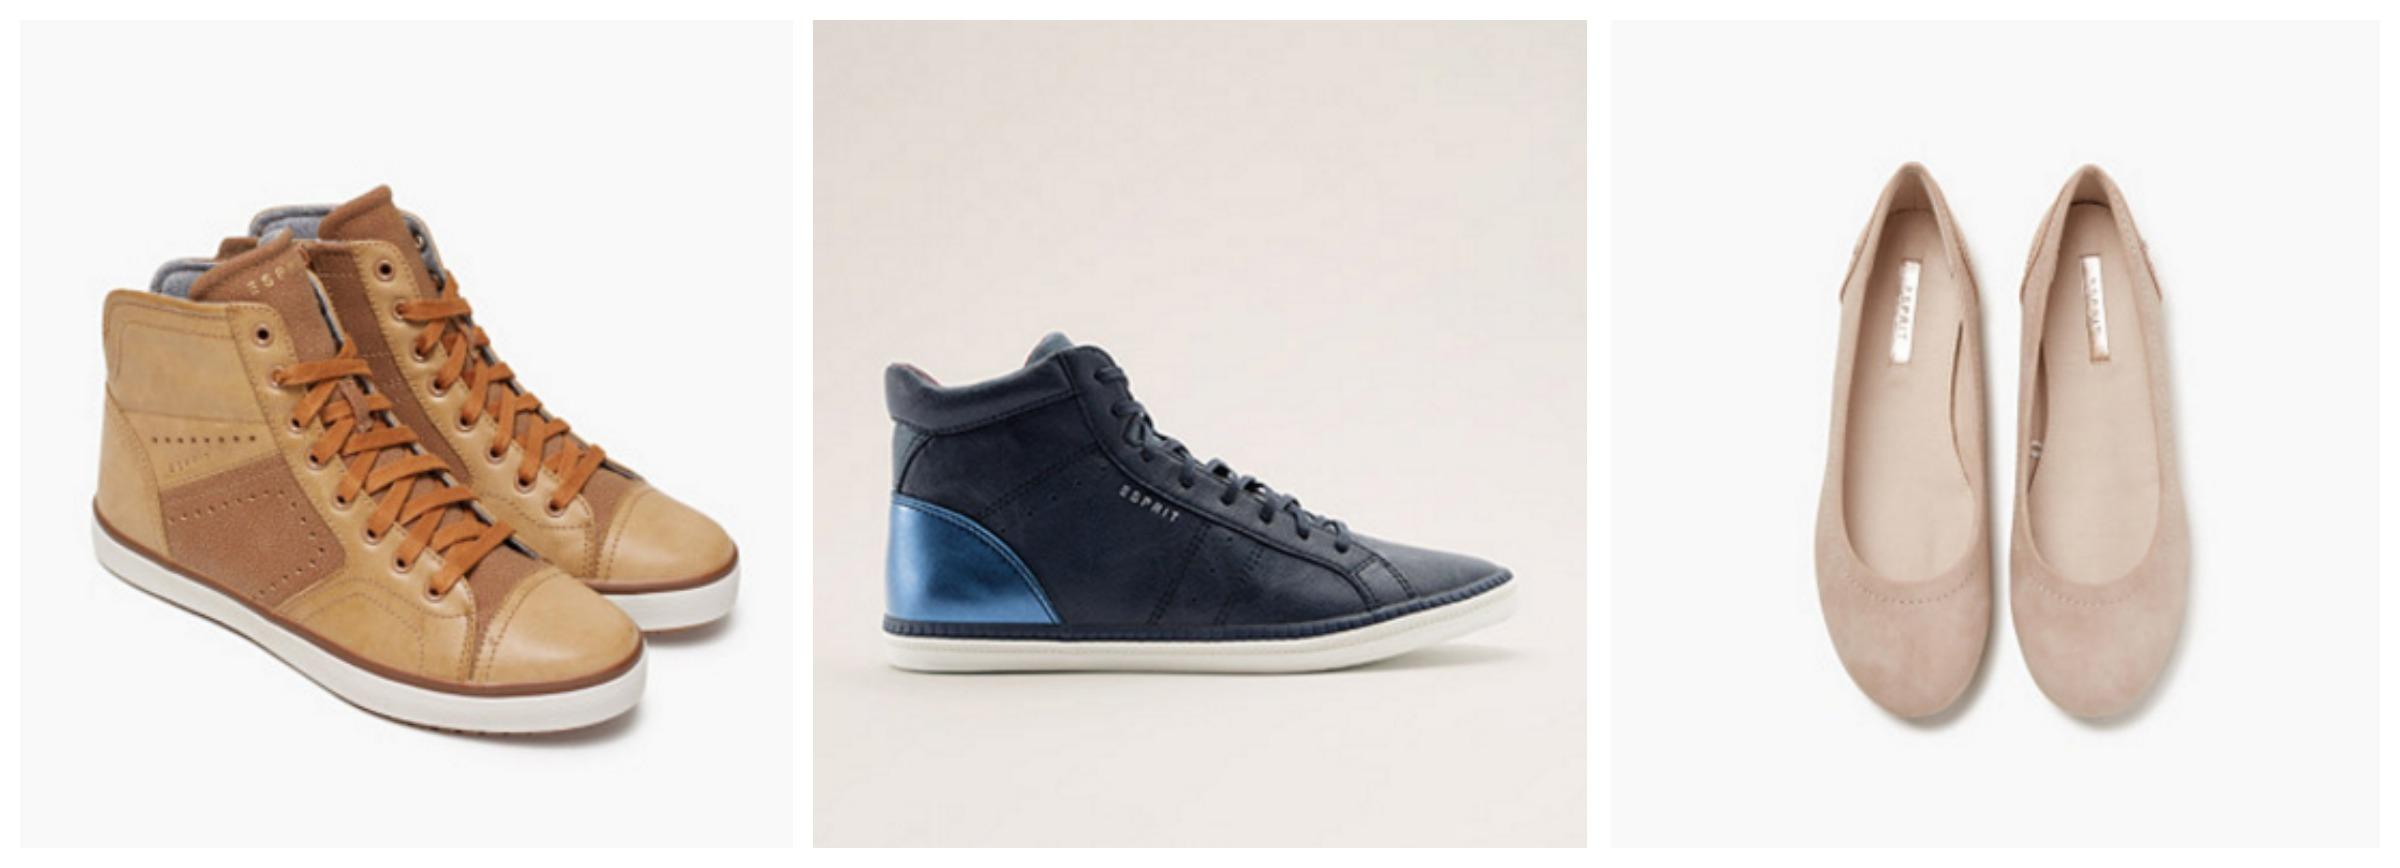 5 marques de chaussures vegan bordelaise by mimi - Chaussures vegan esprit ...